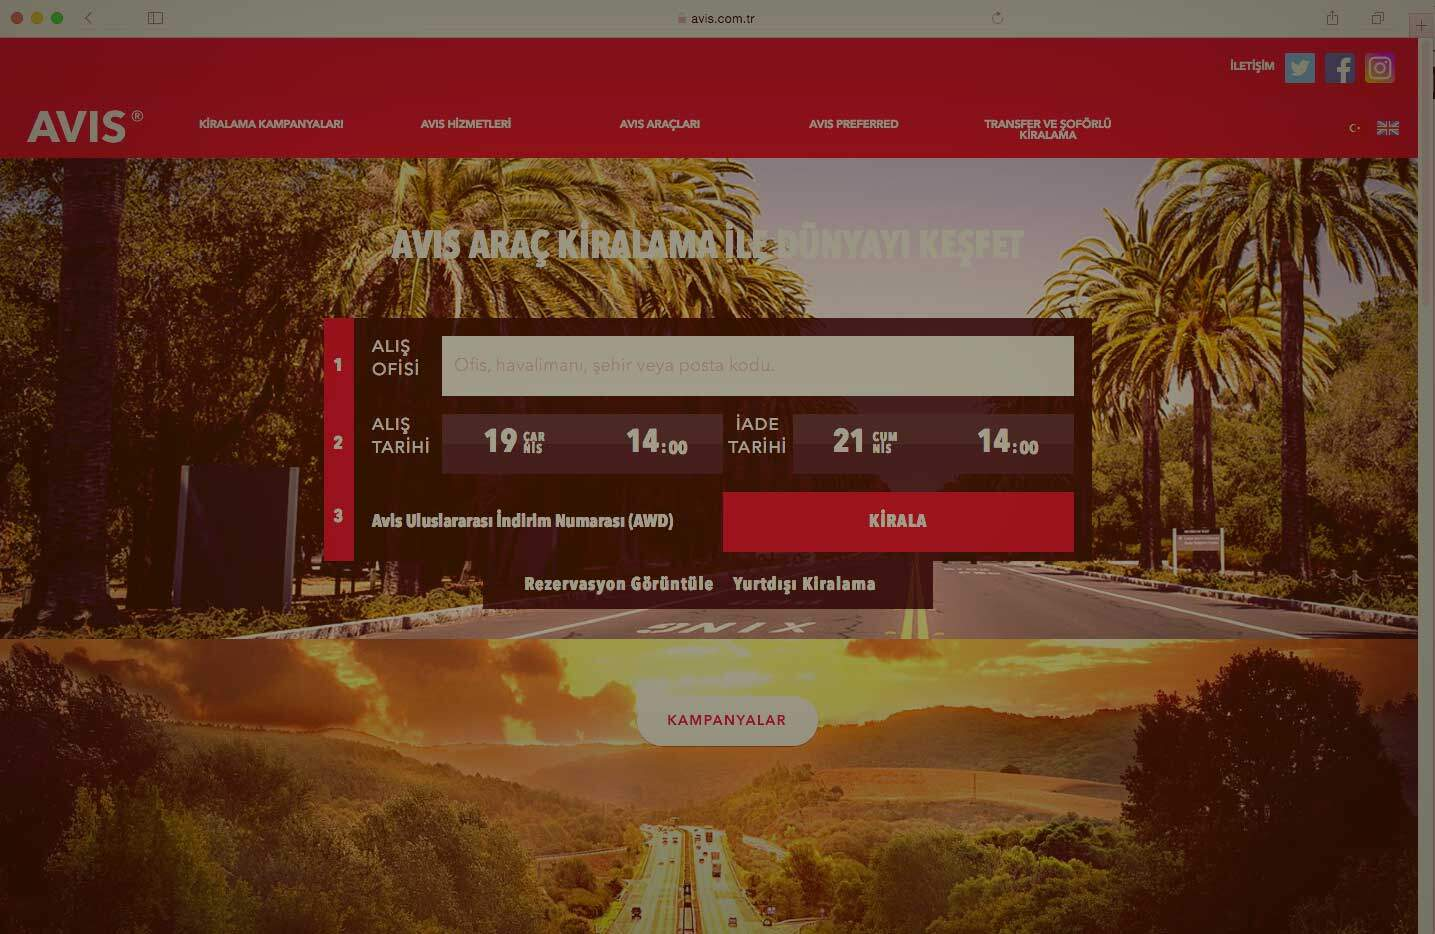 Avis.com.tr UX Design